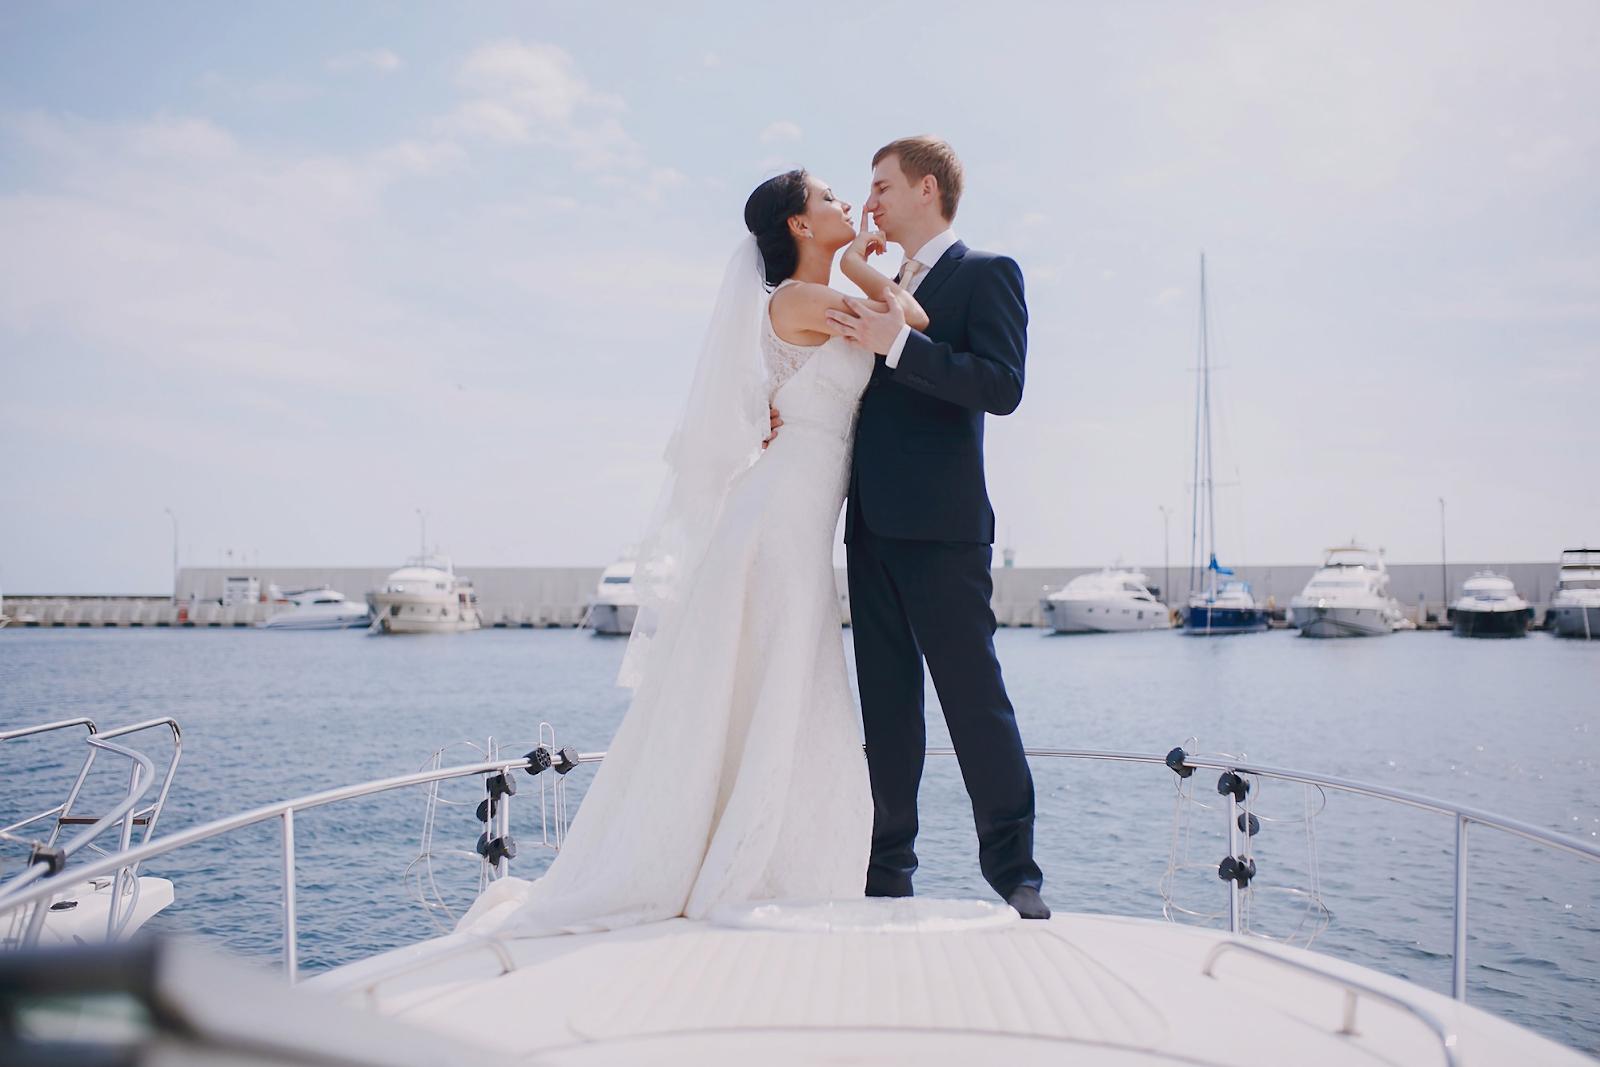 wedding reception on boat